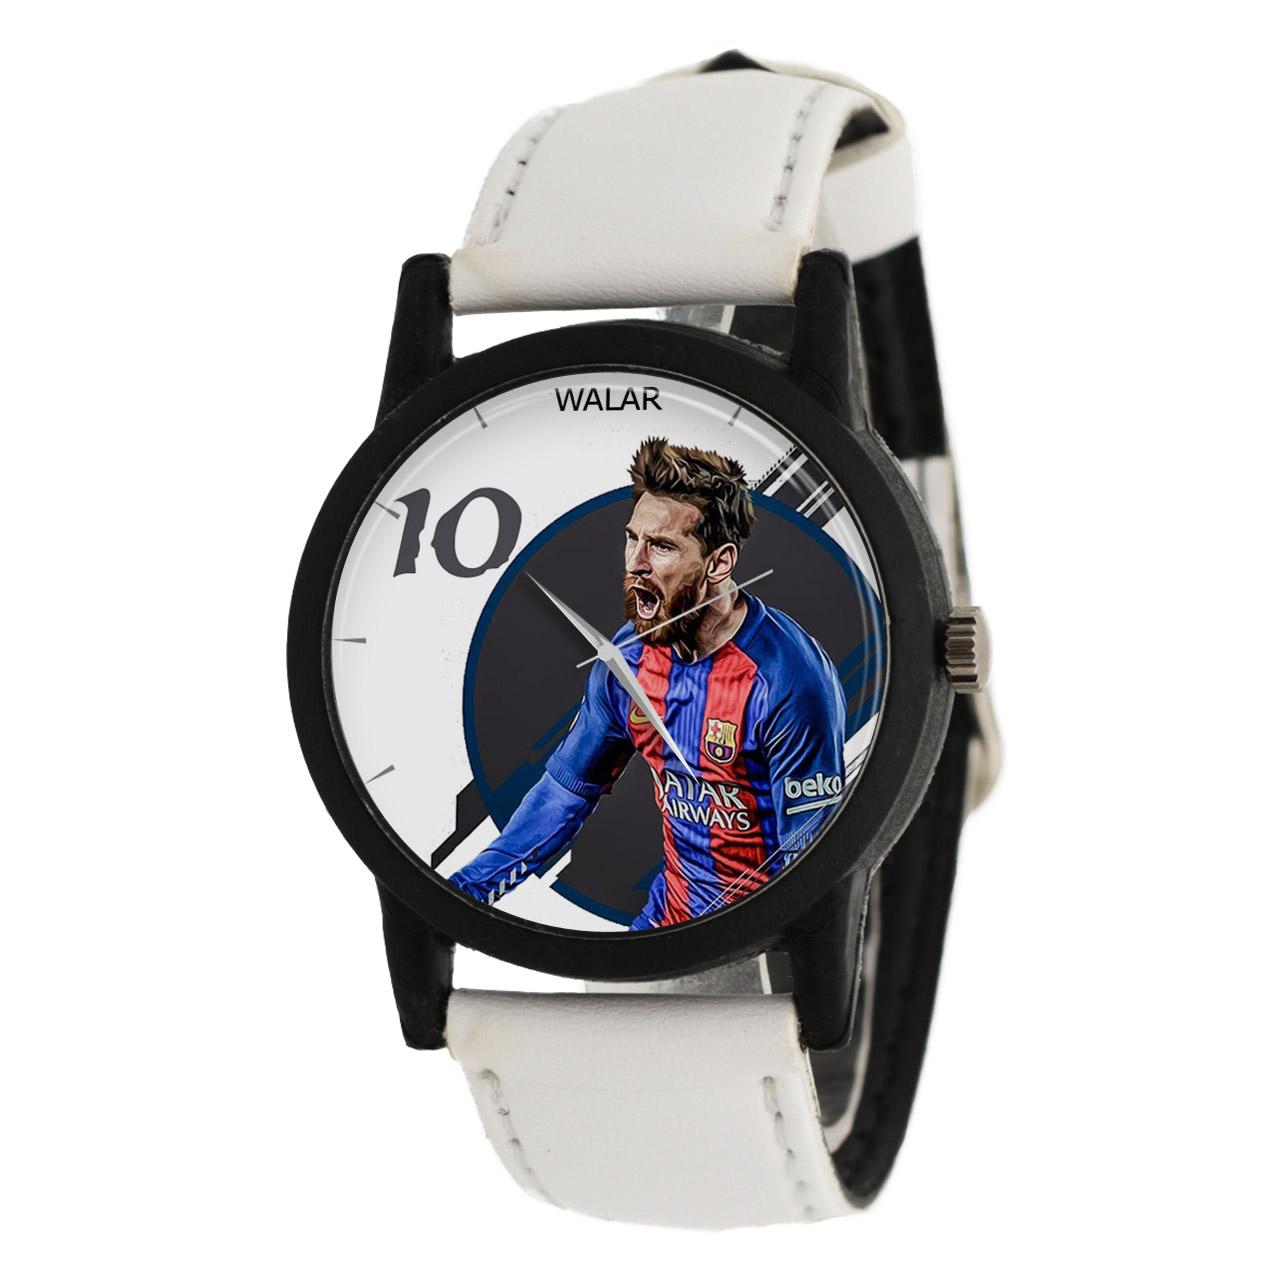 ساعت مچی عقربه ای مردانه والار طرح مسی مدل LF1488